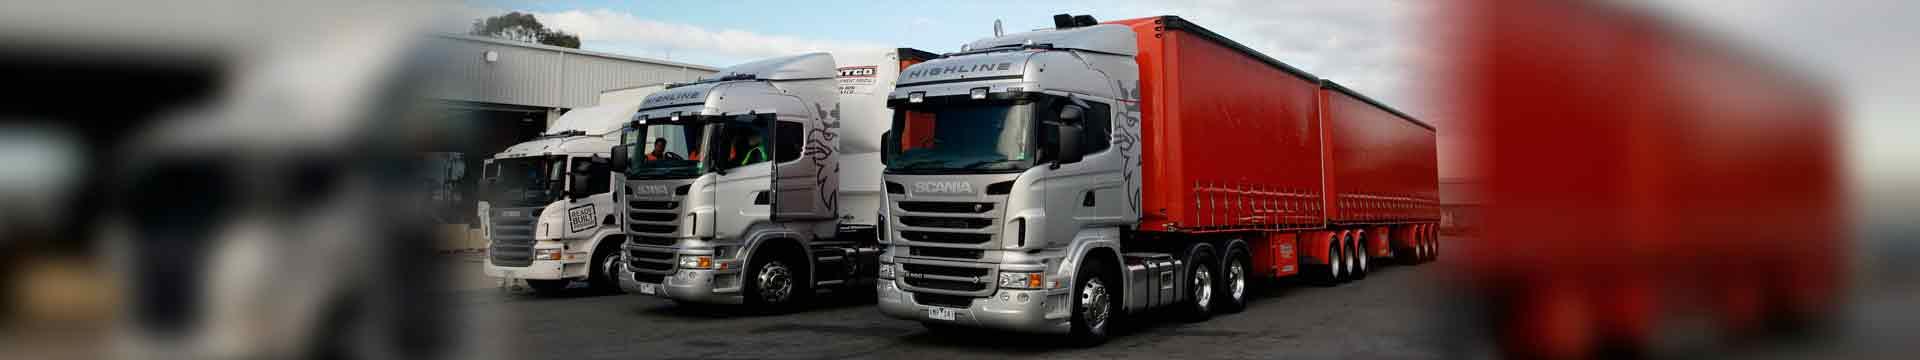 Картинки по запросу scania service truck